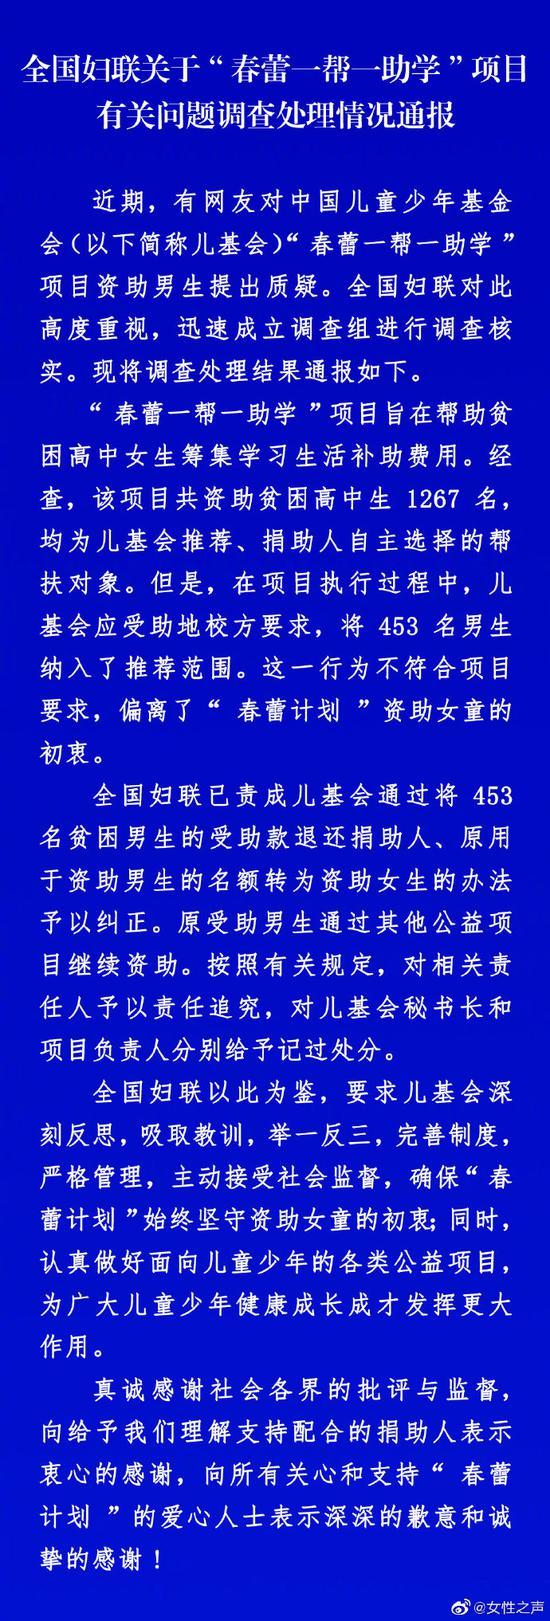 seo内链优化的注意事项_全国妇联转达